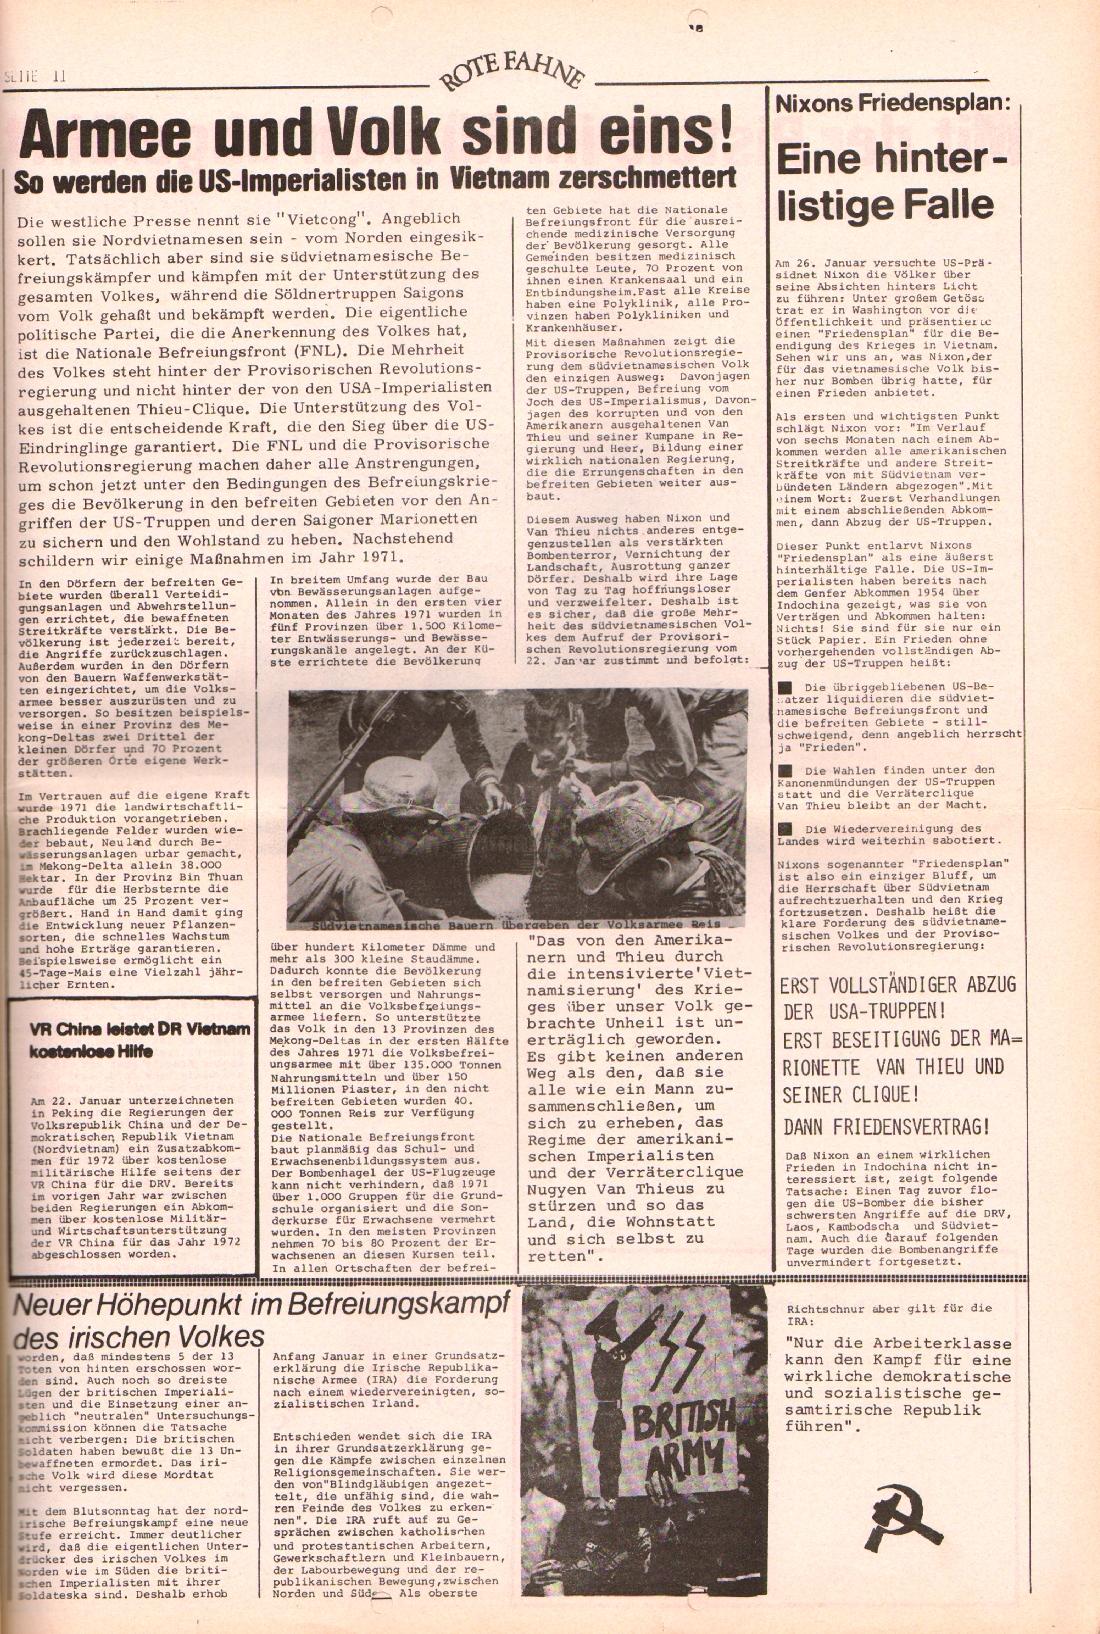 Rote Fahne, 3. Jg., 7.2.1972, Nr. 3, Seite 11